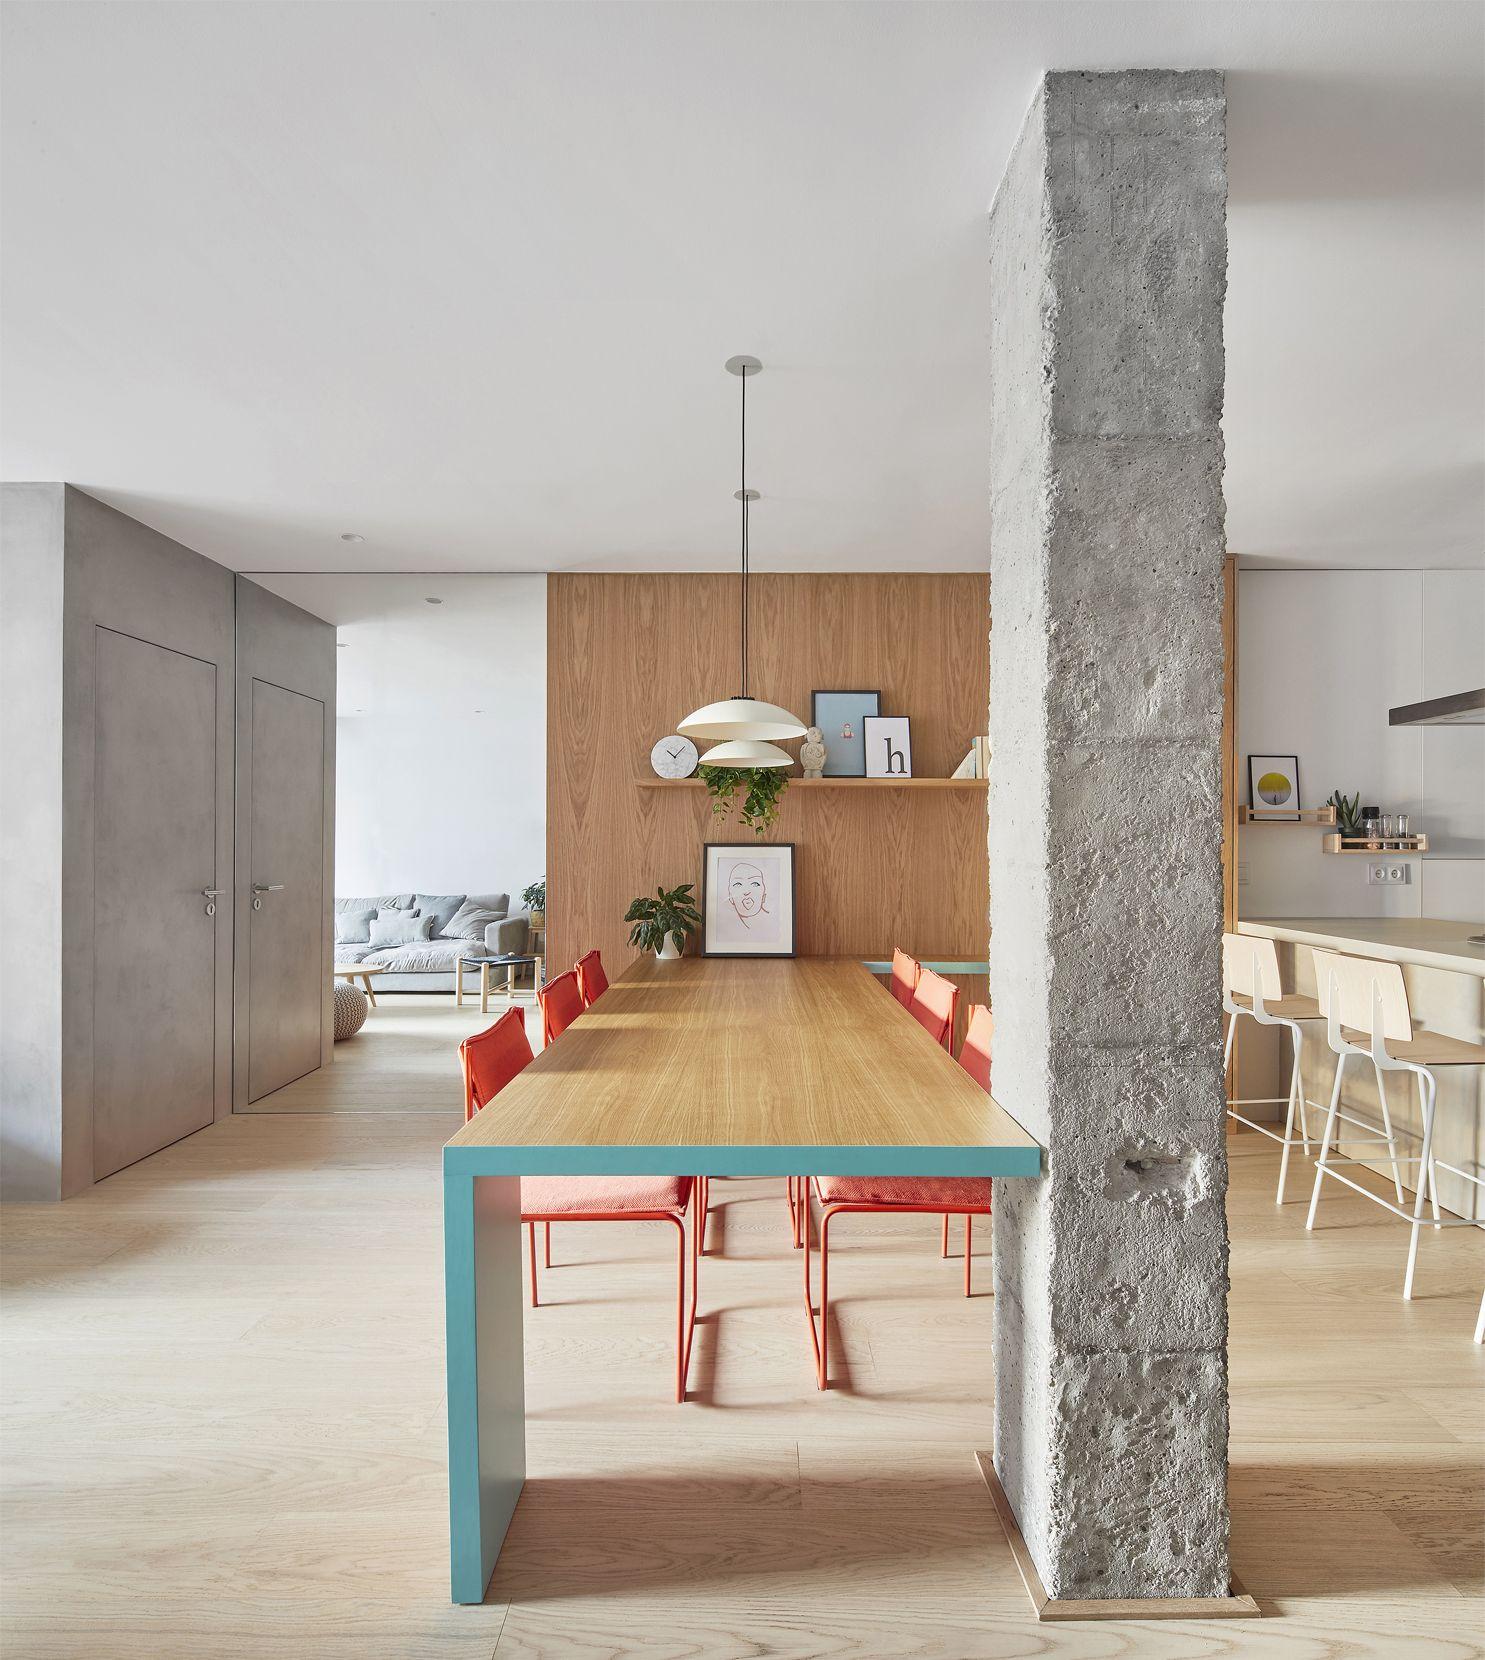 Foto 16 de Decoración y diseño en Barcelona   Interiorismo Miriam Barrio